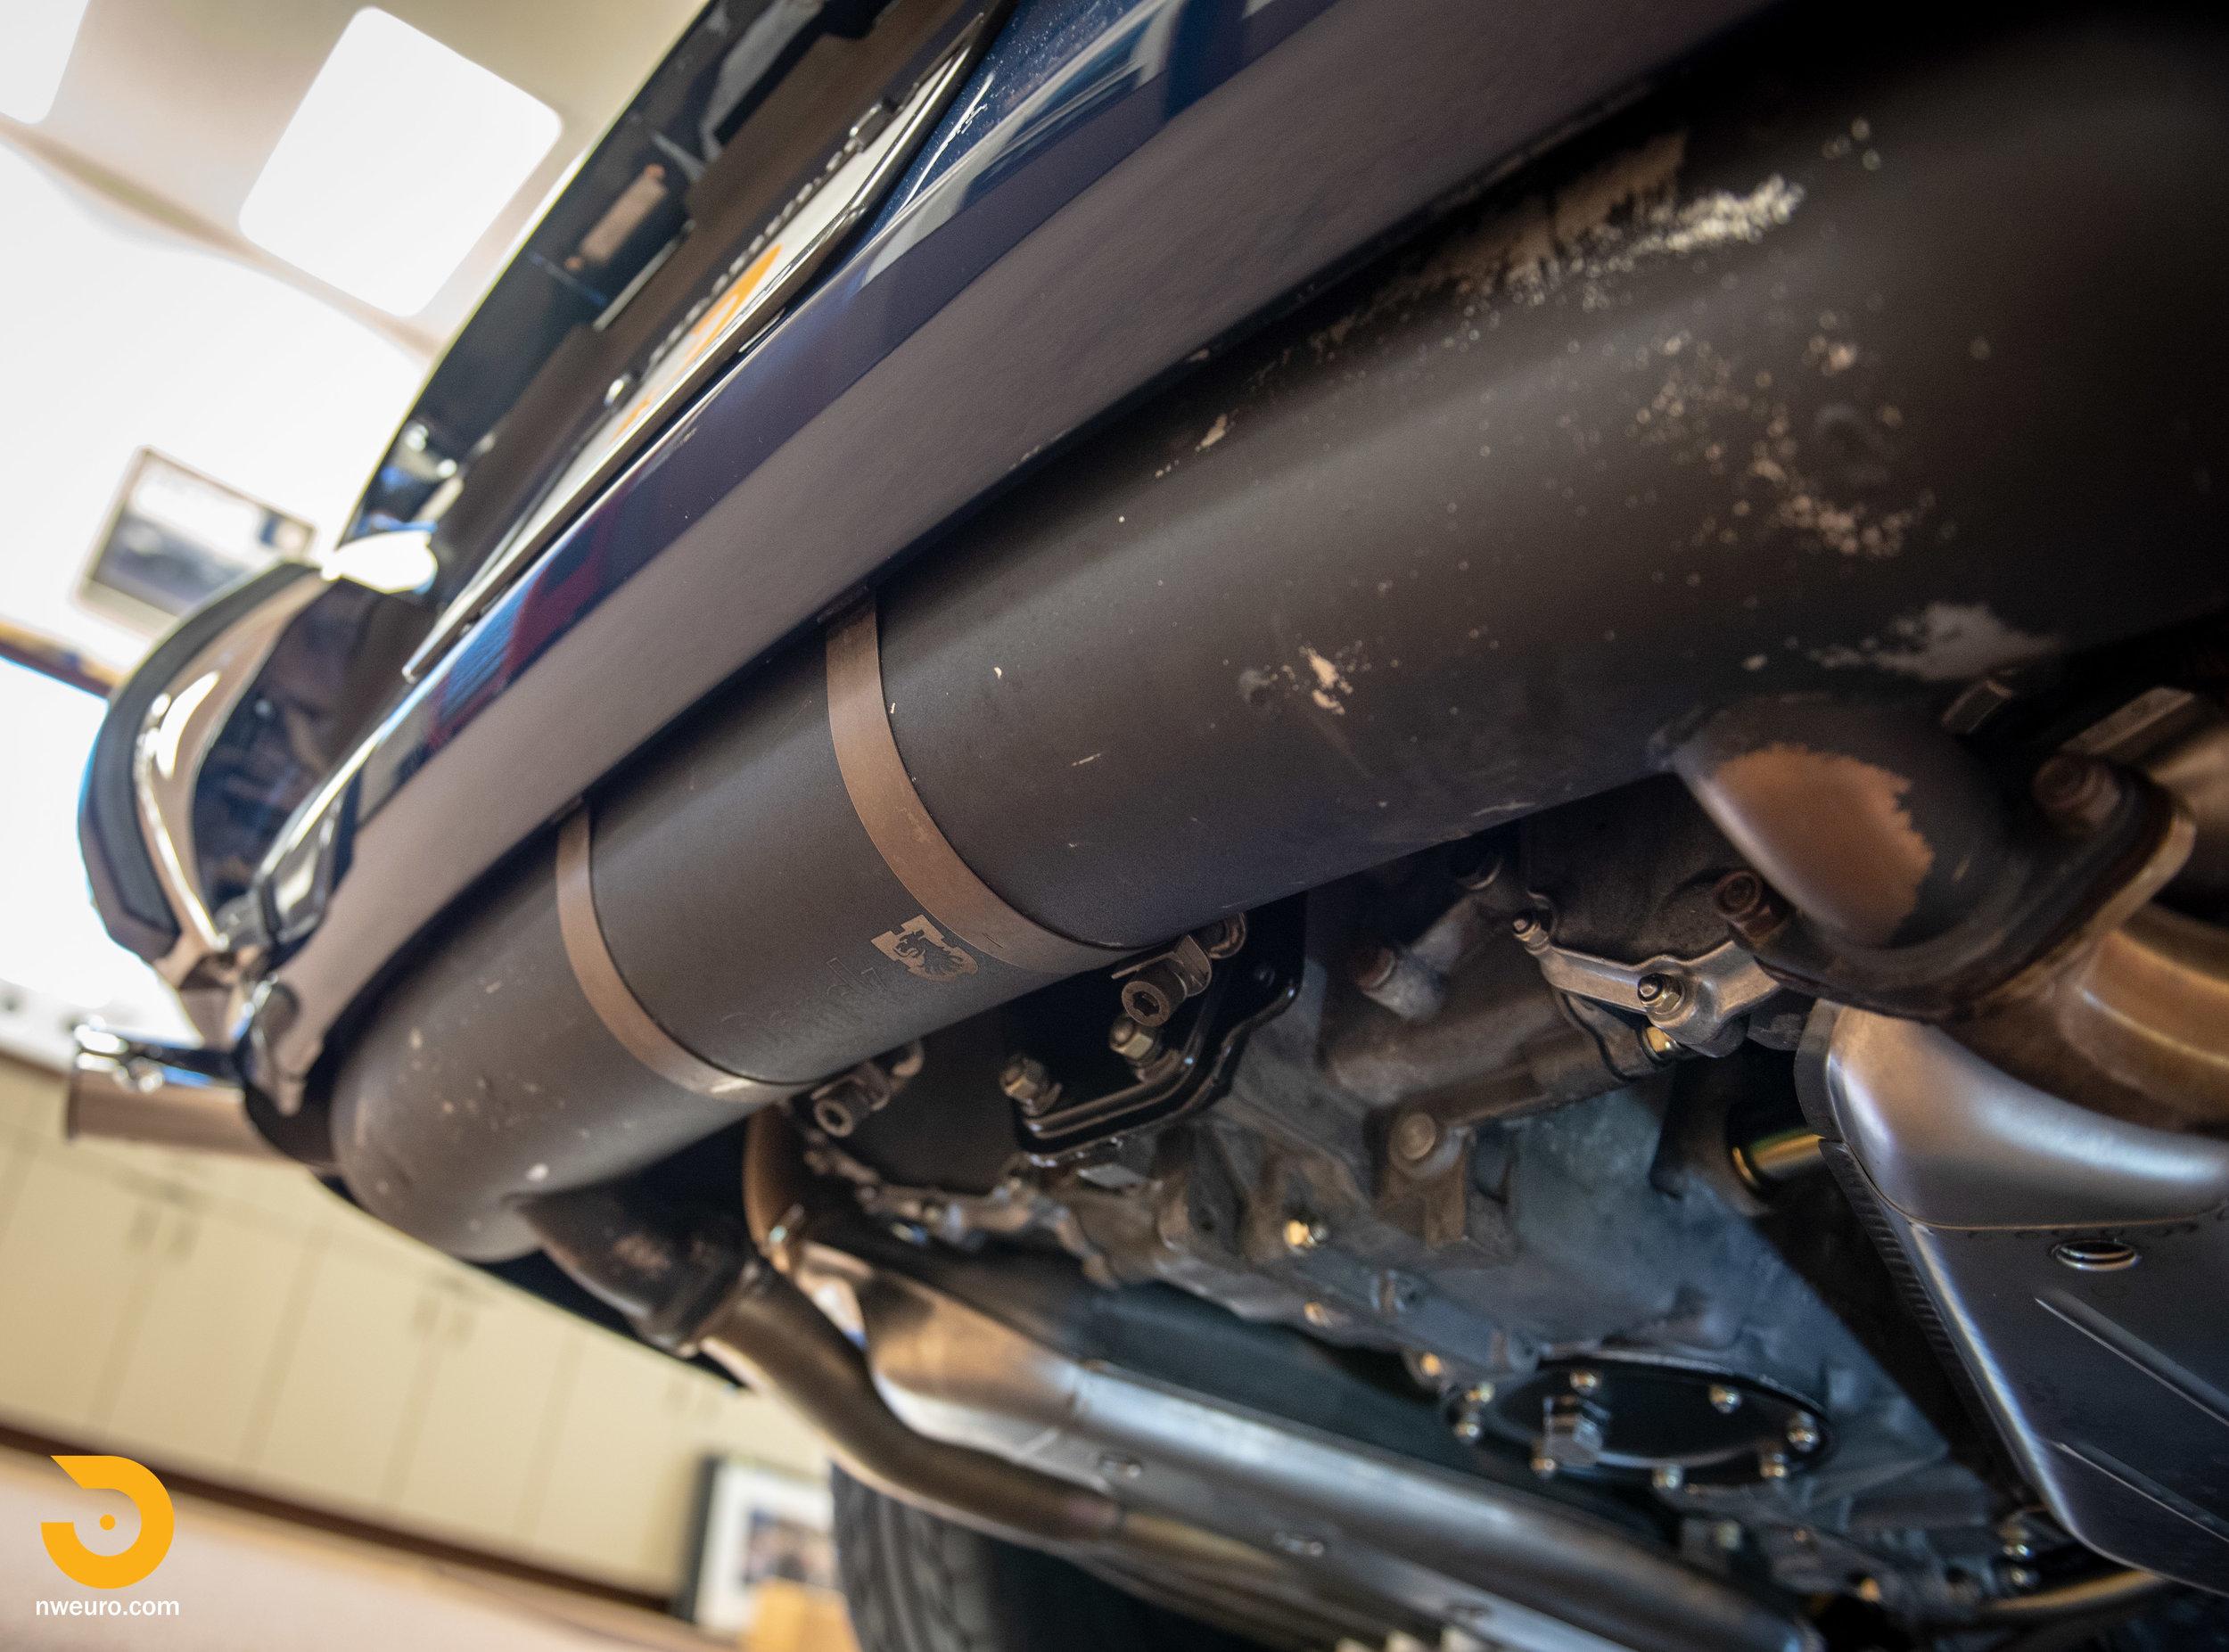 1973 Porsche 911T Hot Rod Albert Blue Chassis-17.jpg